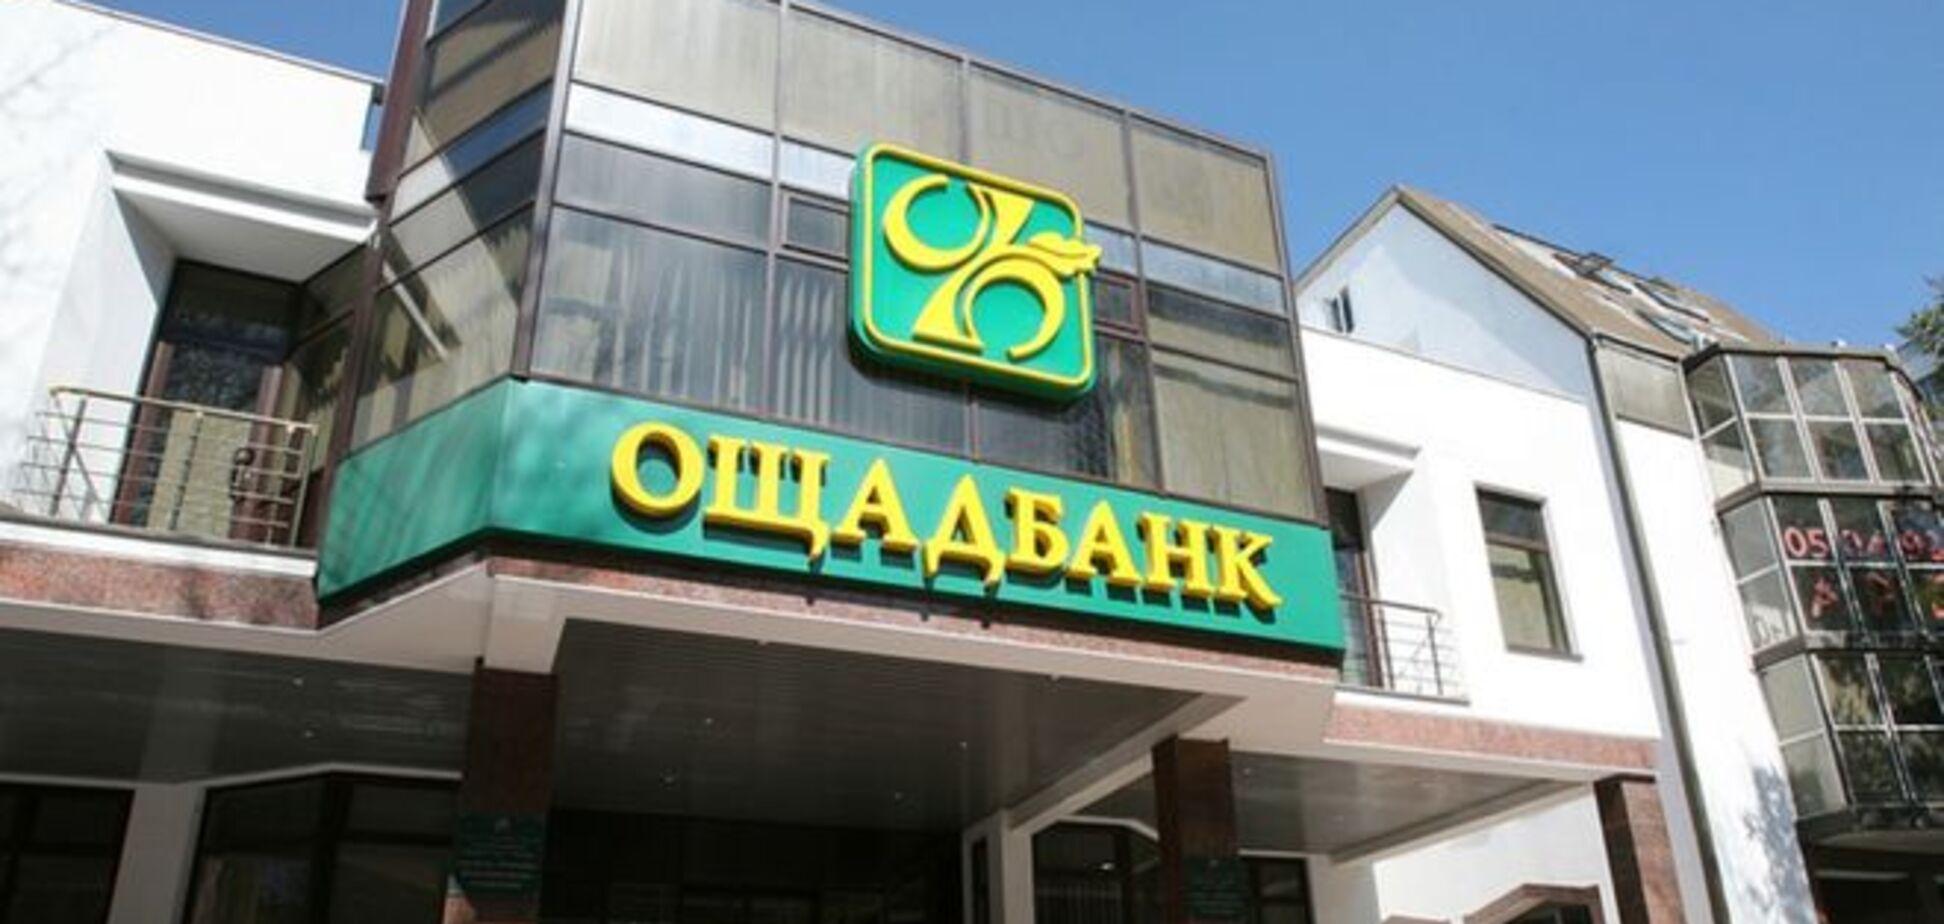 Обвинили в хищениях: НАБУ открыло уголовное дело против главы 'Ощадбанка'